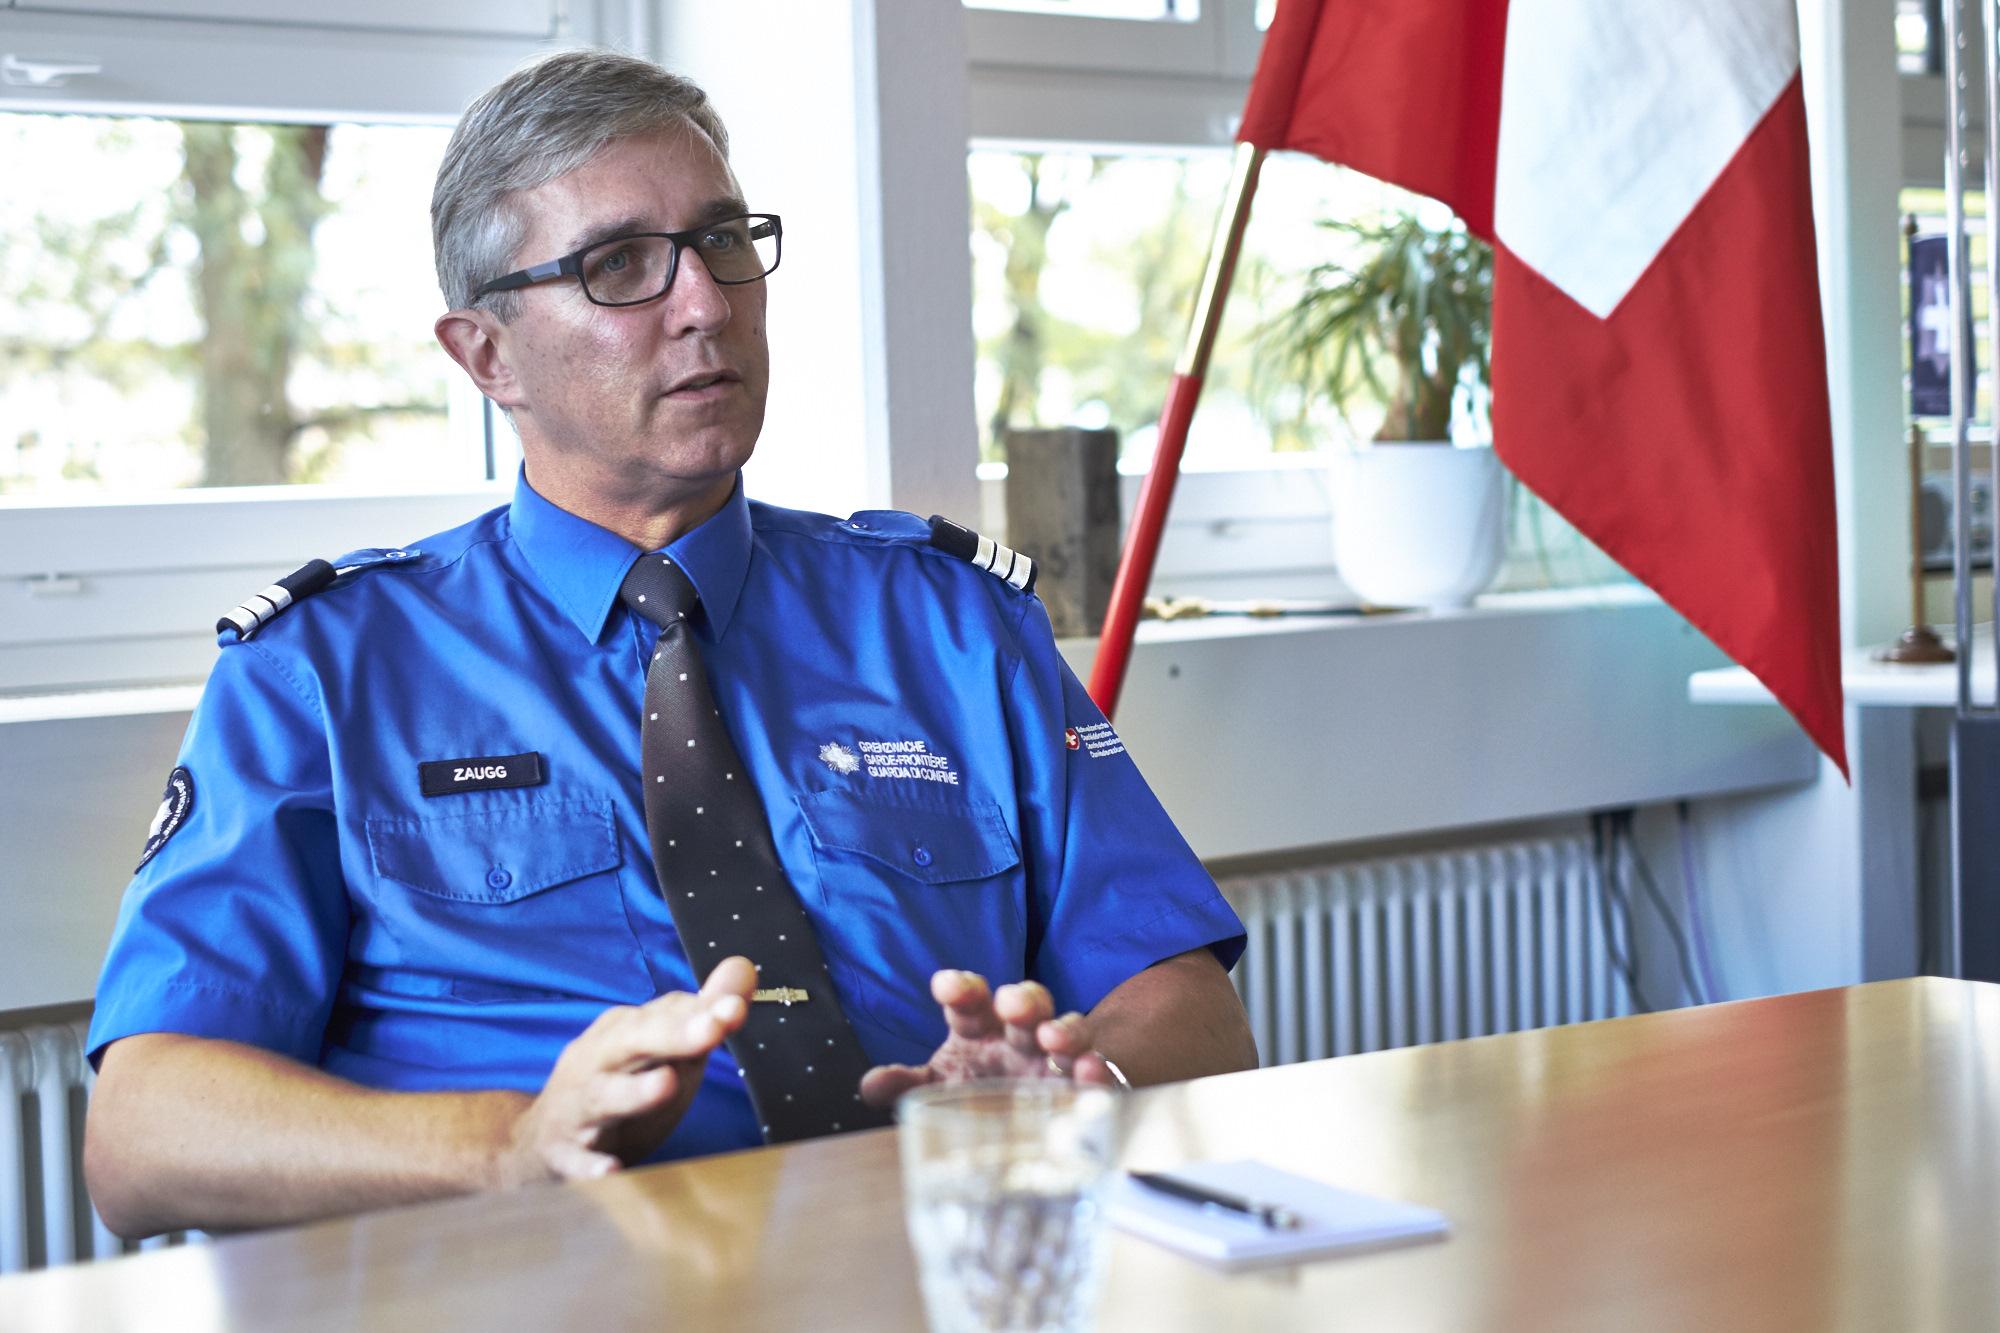 «Wir haben eine gute Zusammenarbeit mit allen Behörden», sagt Roger Zaugg, Kommandant der Grenzwachtregion Basel.